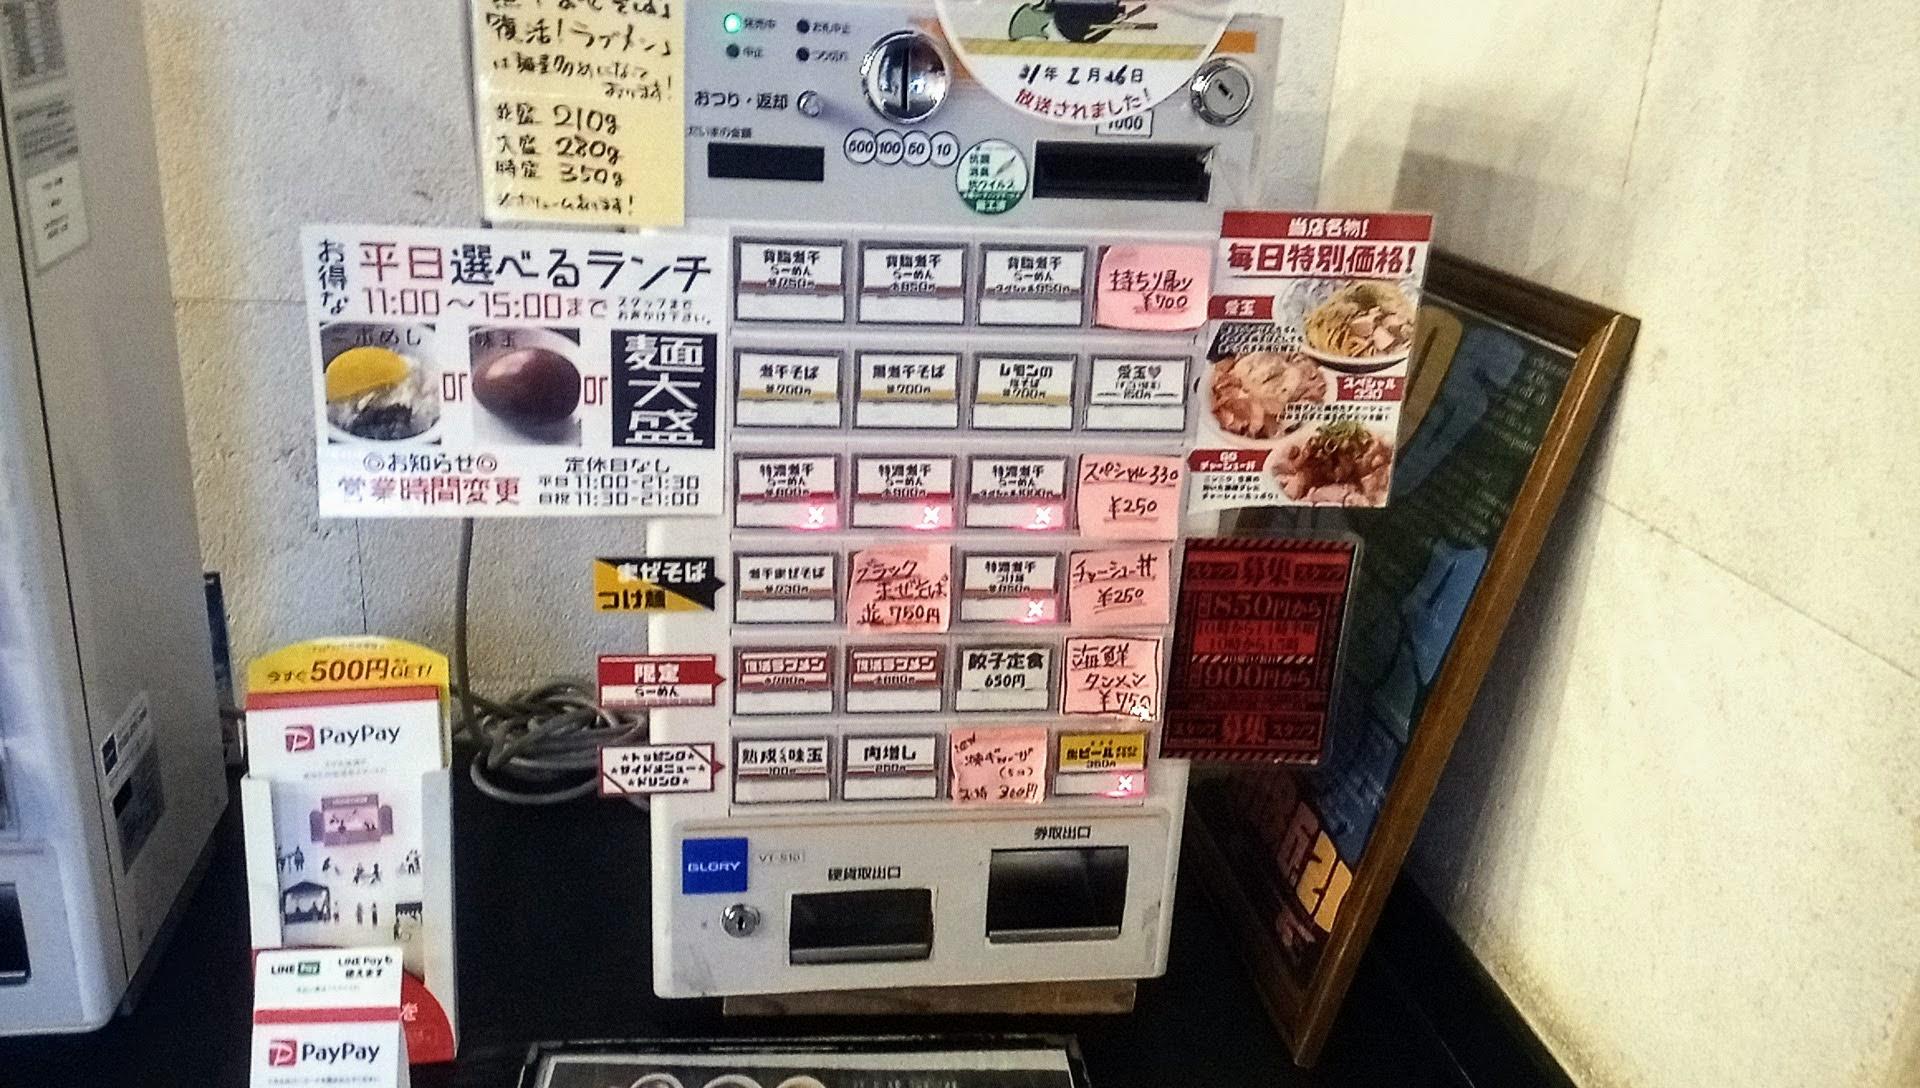 a ticket machine